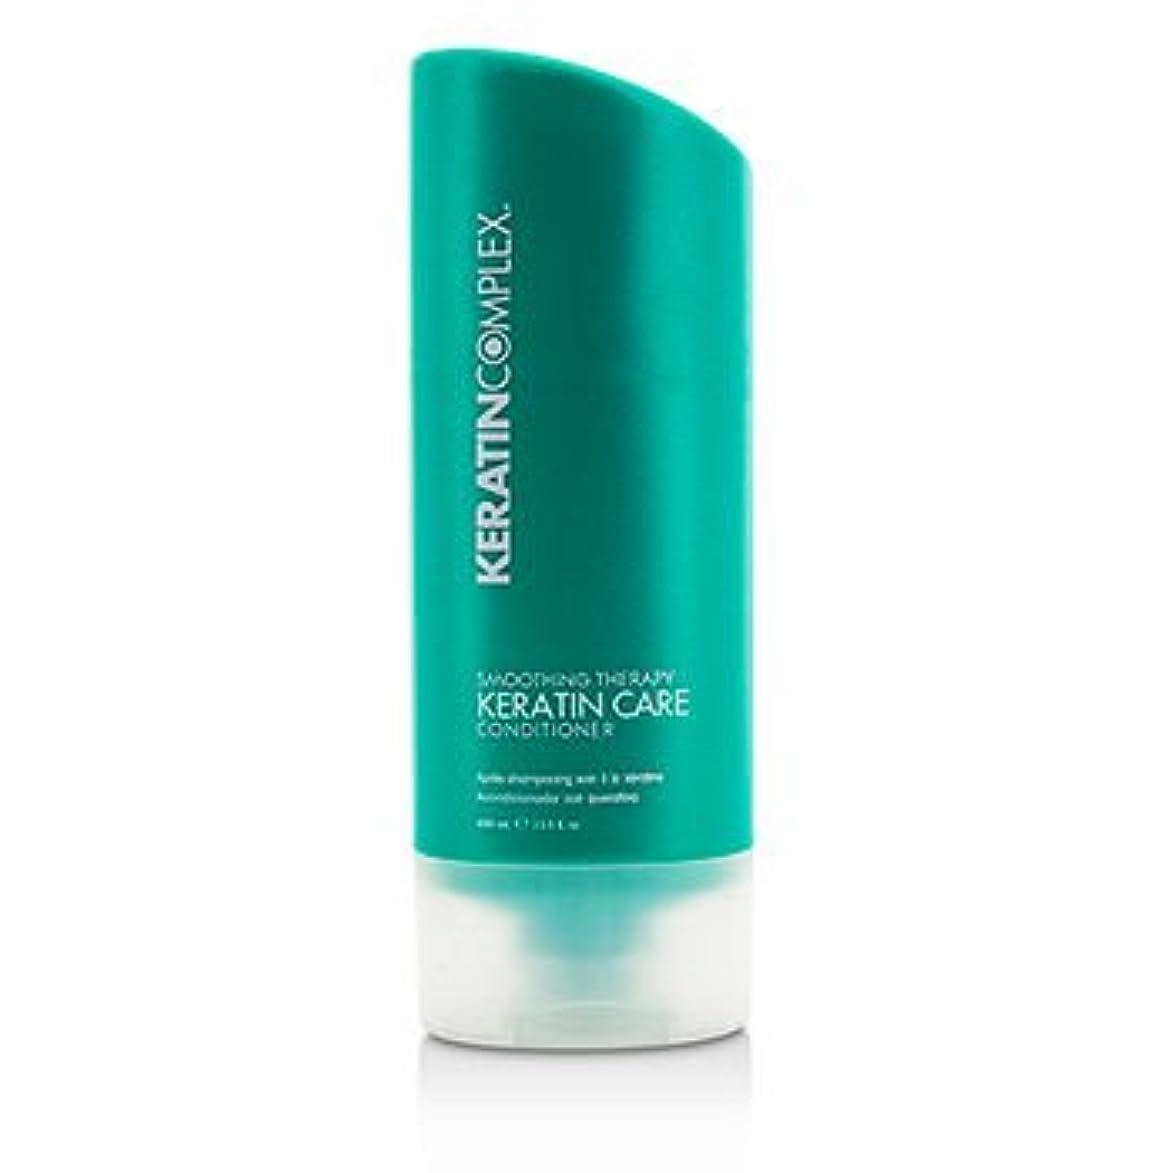 露骨なタクシー群集[Keratin Complex] Smoothing Therapy Keratin Care Conditioner (For All Hair Types) 400ml/13.5oz